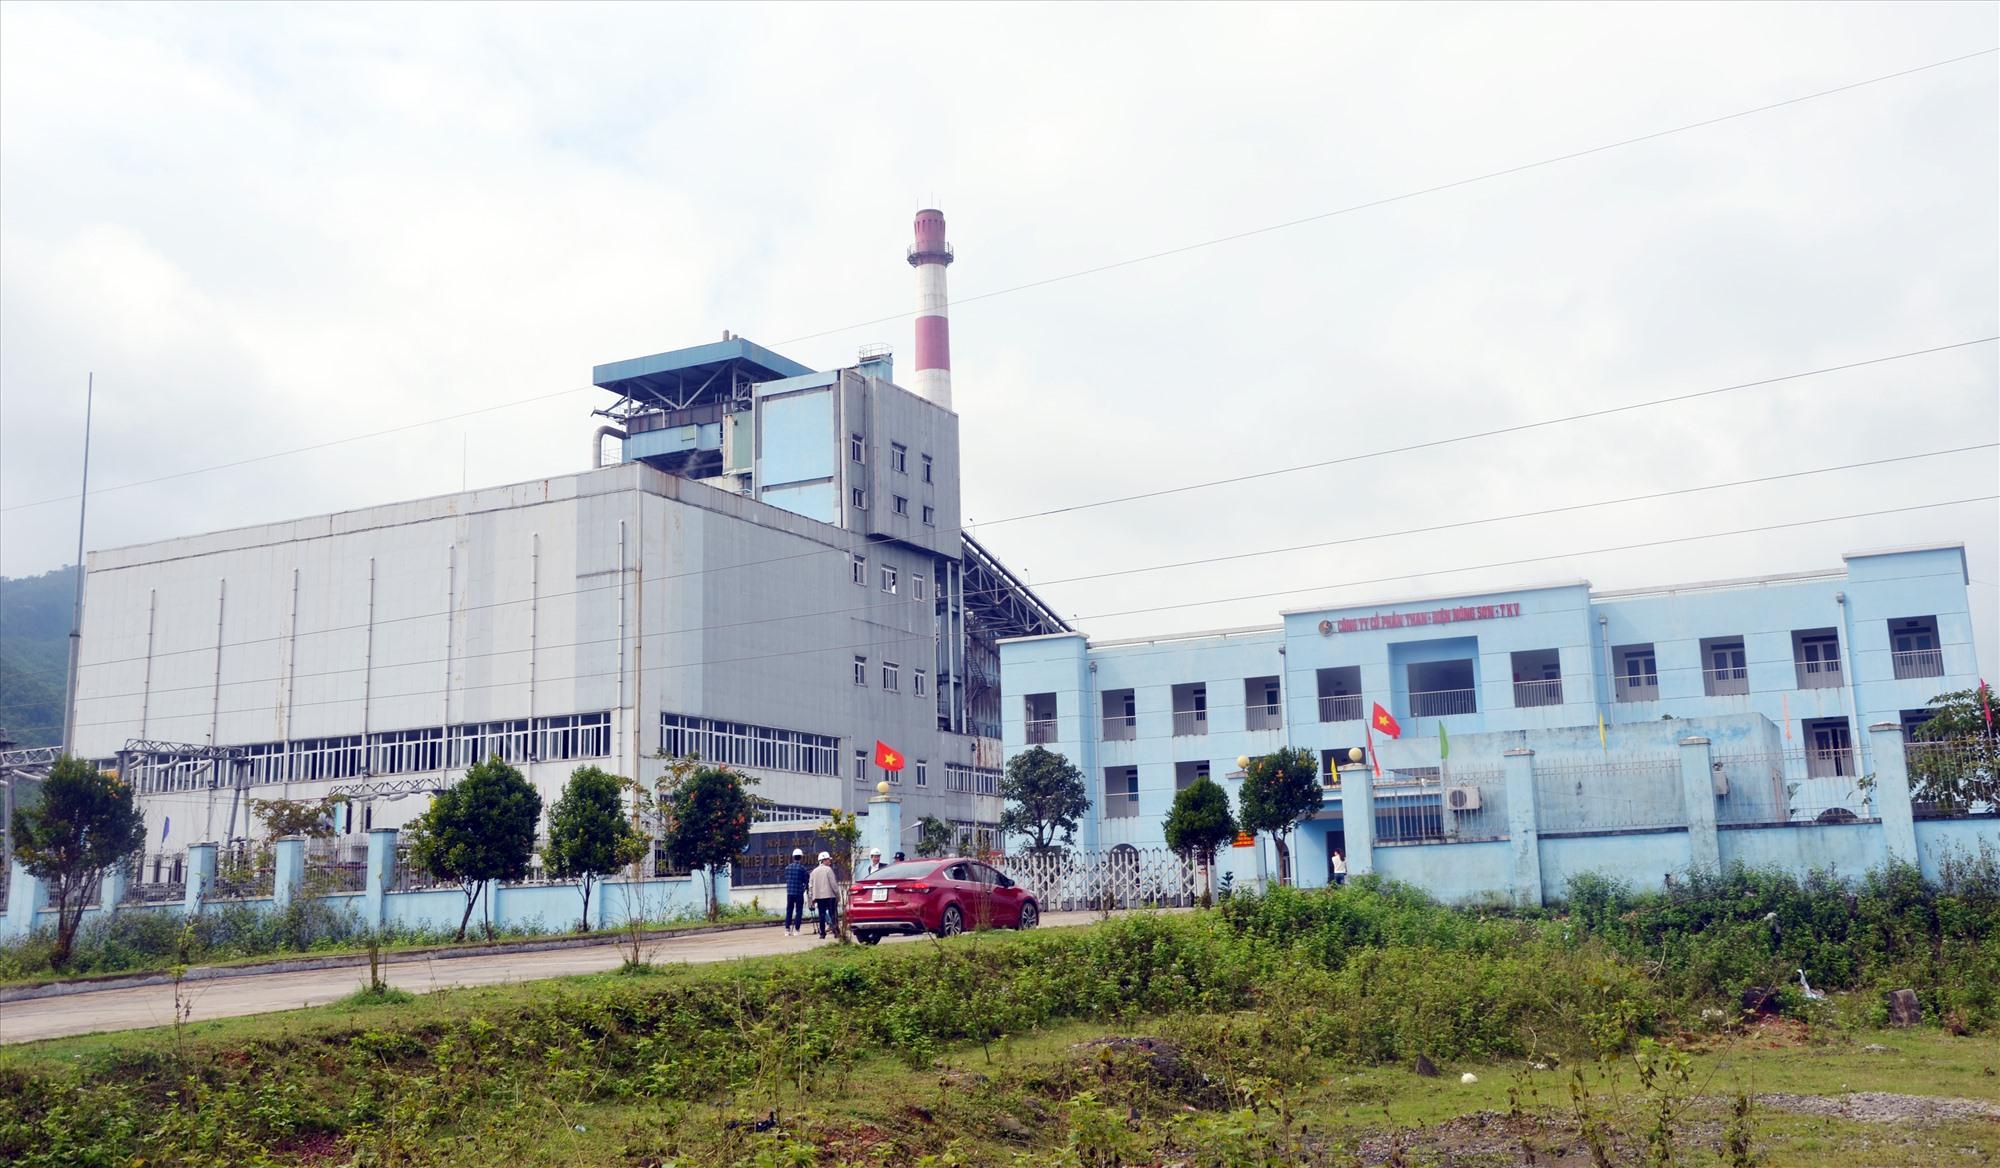 Nhà máy sản xuất than điện Nông Sơn là đơn vị chi trả dịch vụ môi trường rừng đối với lưu giữ các bon của rừng năm 2020. Ảnh. H.P